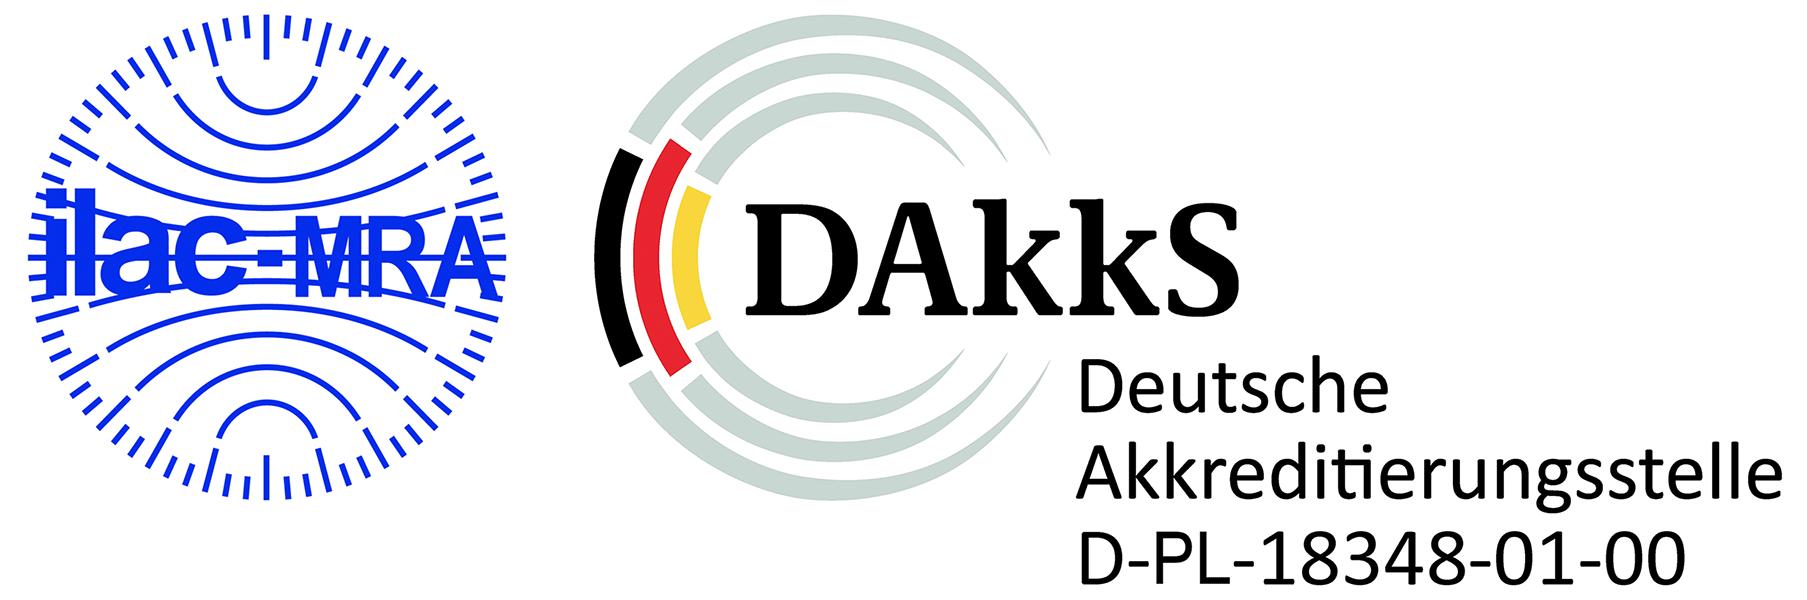 CONGEN Zertifizierung: DAkkS - Deutsche Akkreditierungsstelle